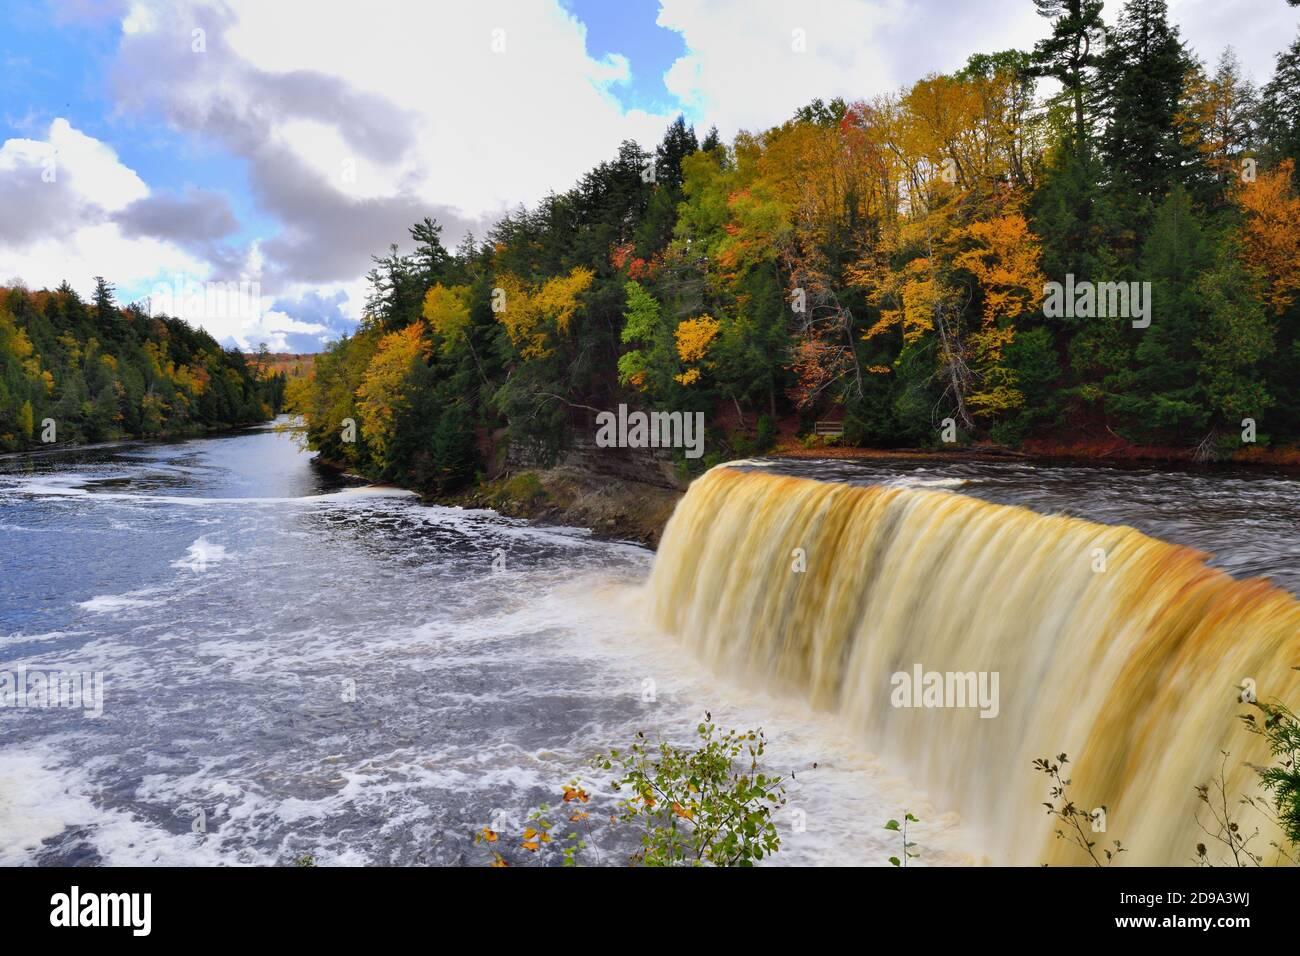 Paraíso, Michigan, Estados Unidos. Las Cataratas del Alto Tahquamenon en el Parque Estatal de las Cataratas del Tahquamenon cerca del Lago Superior en la Península Alta de Michigan. Foto de stock